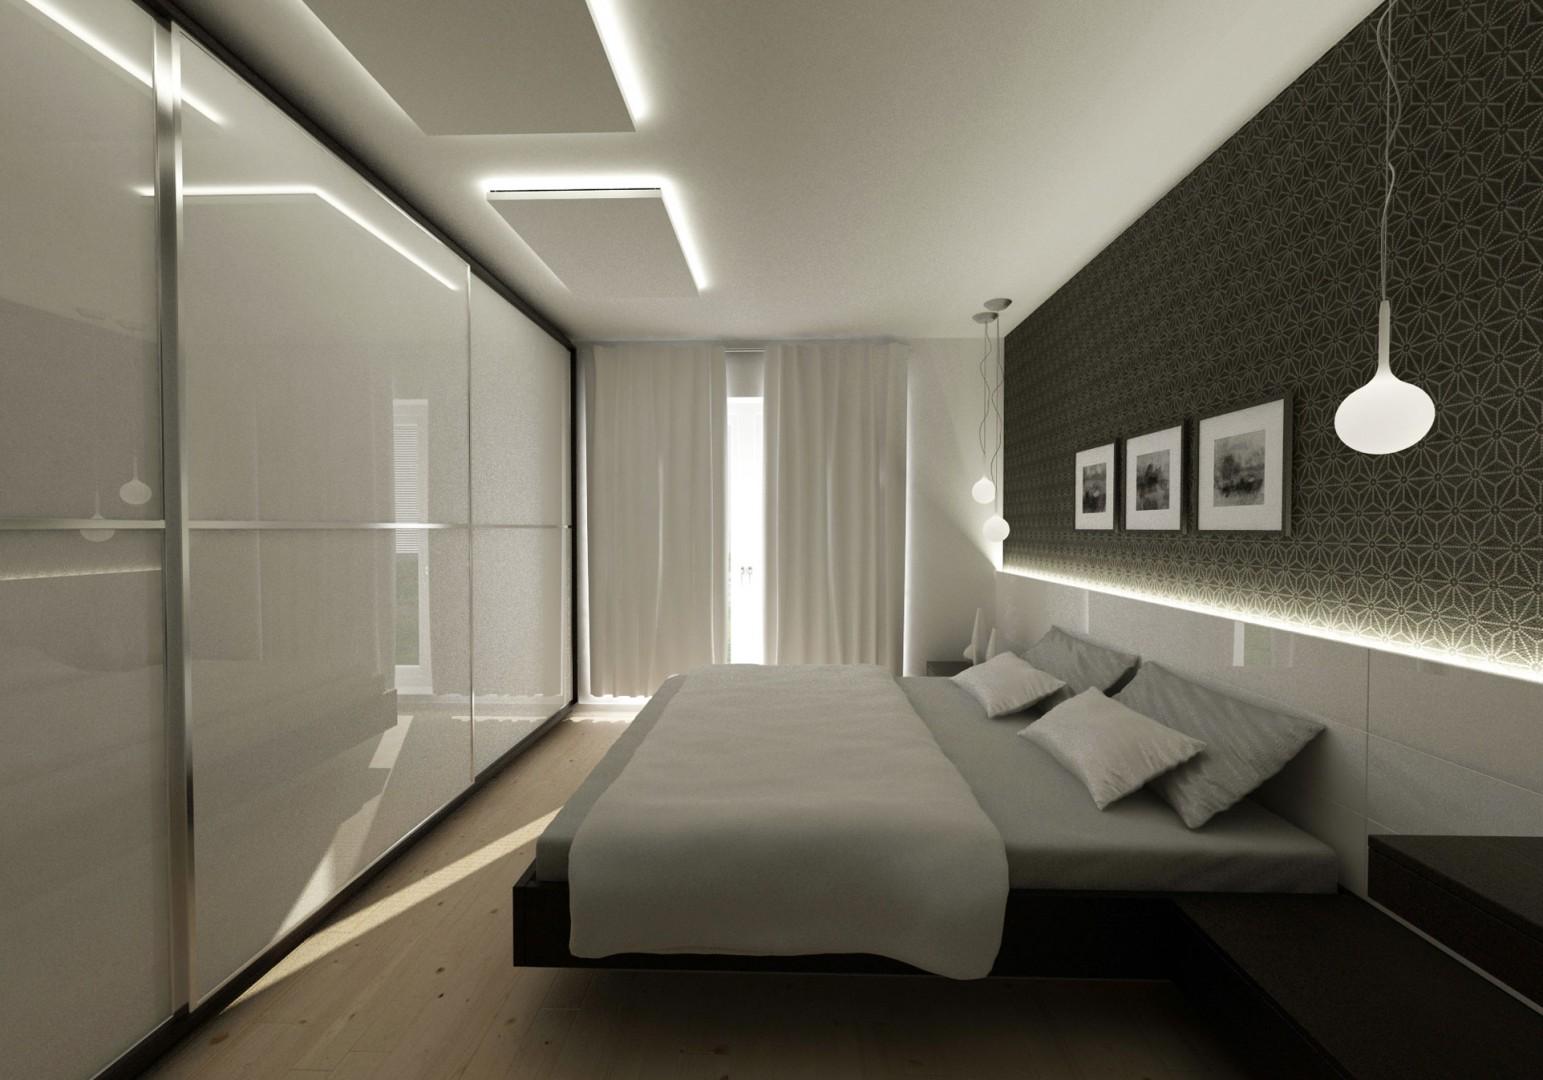 návrh interiéru bytu - spálňa so šatníkom